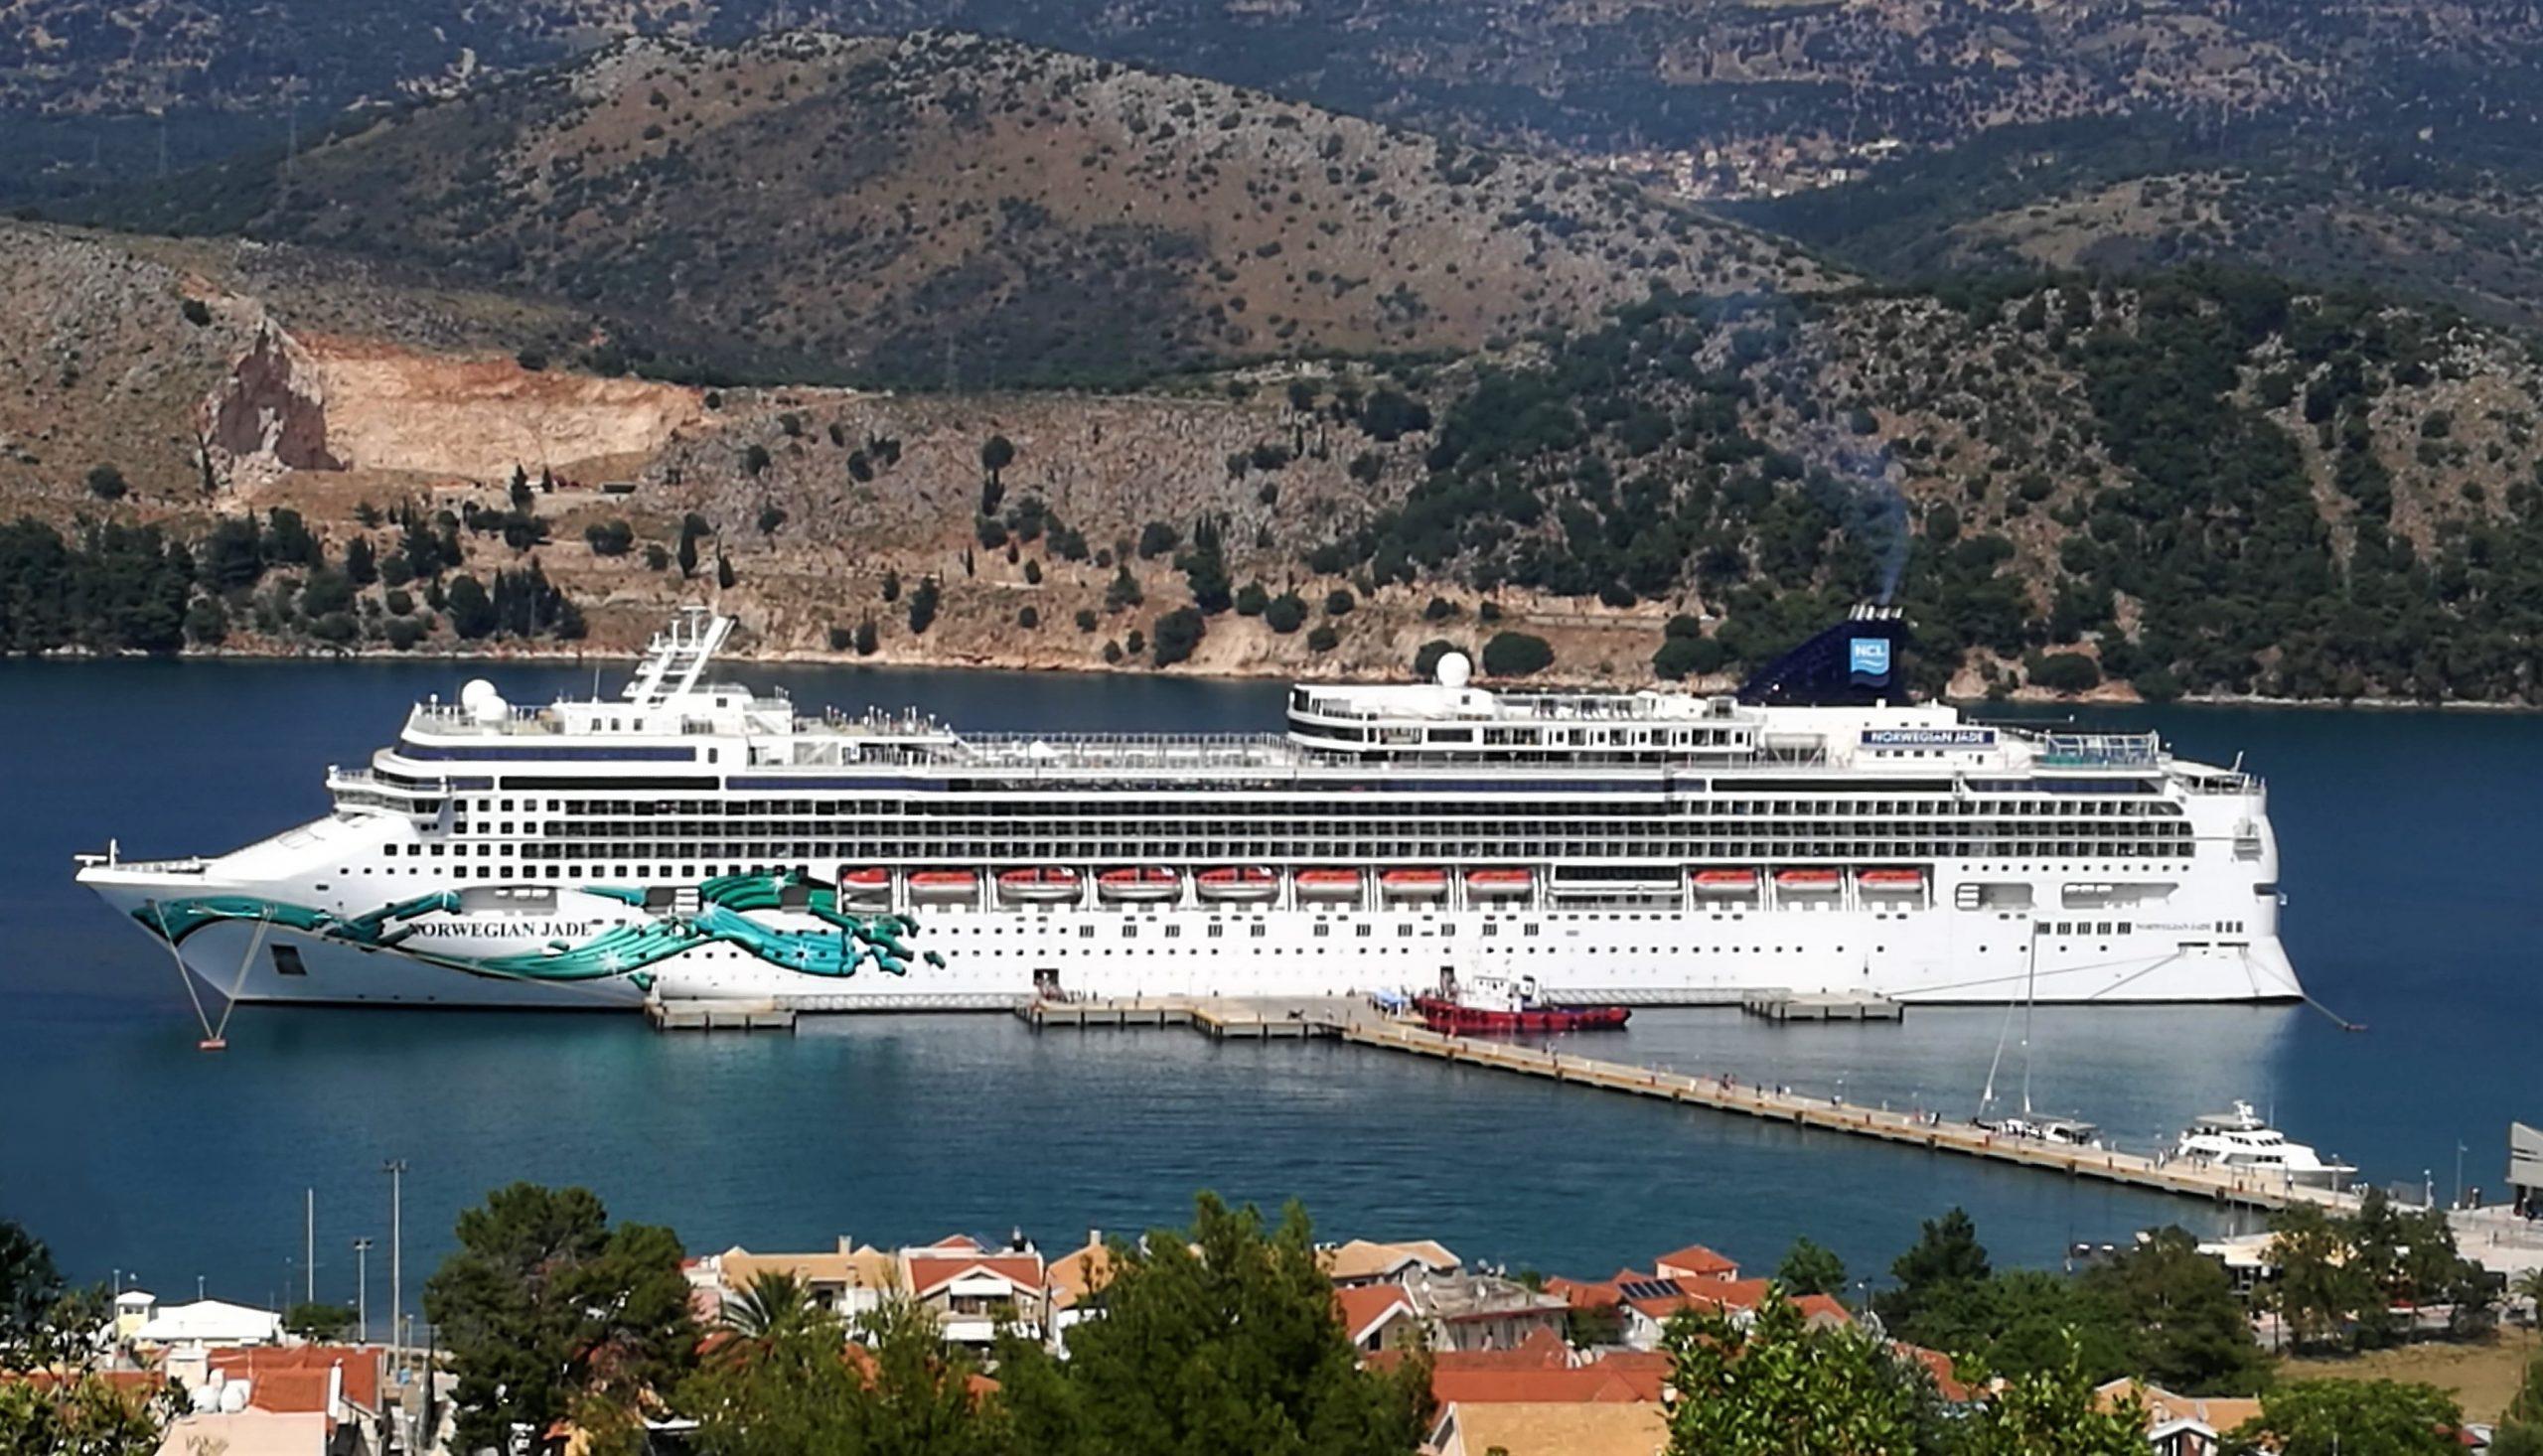 Norwegian Cruise Line indsætter efter planen dette krydstogtskib, Norwegian Jade, til at sejle krydstogter af én uges varighed fra 25. juli med rundture til græske øer og start og slut i Athens havneby, Piræus. Foto via Wikipedia: Kefalonitis94.